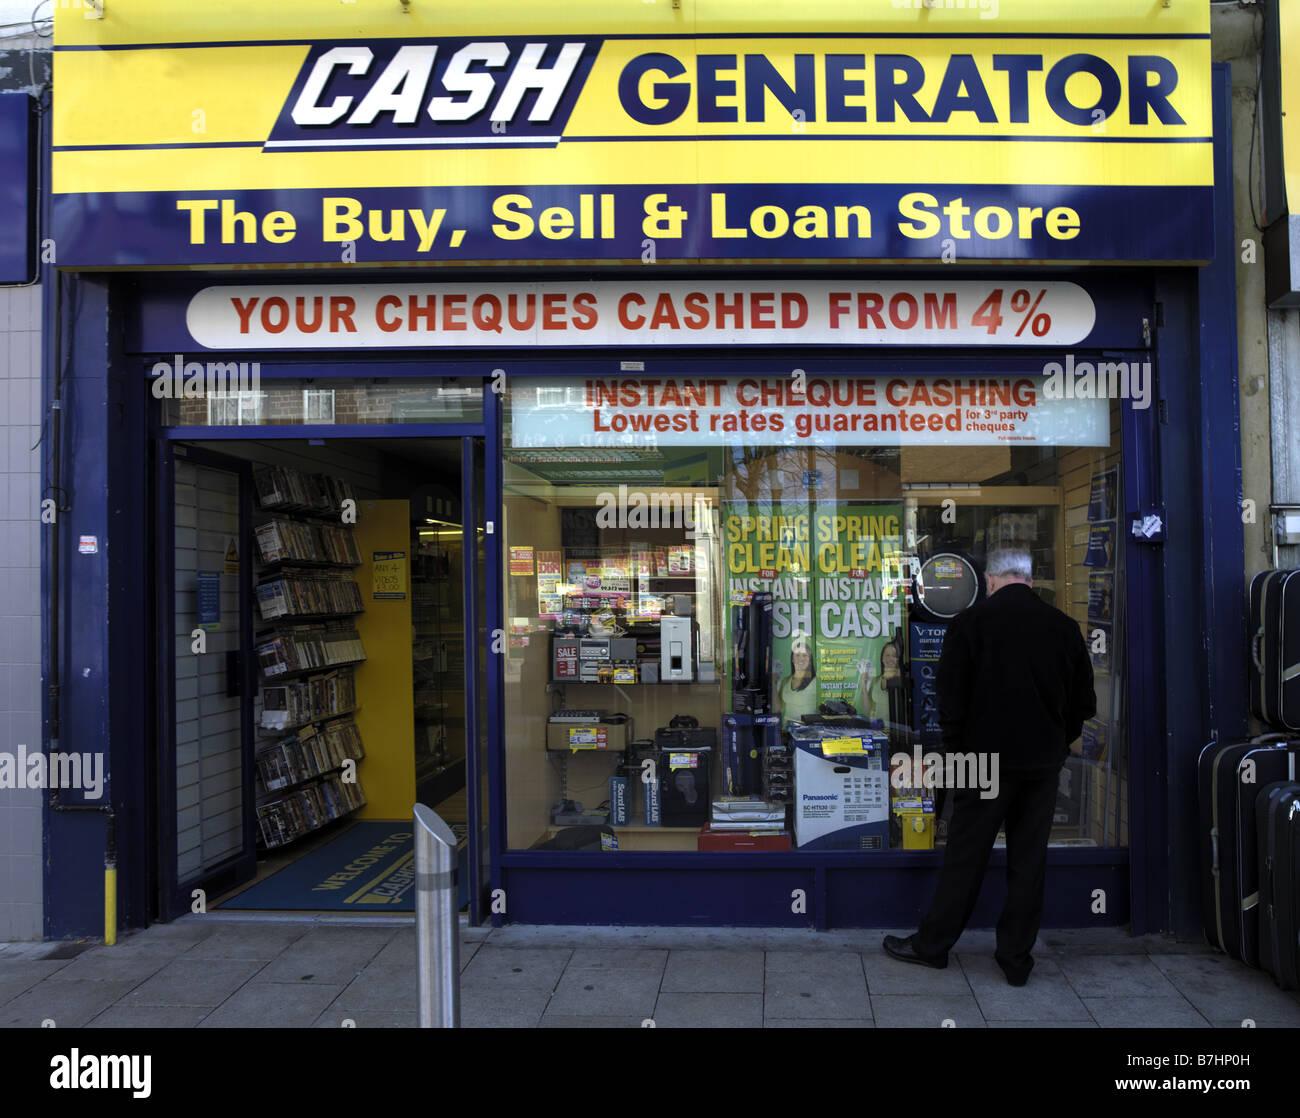 Consumer payday loans washington image 6